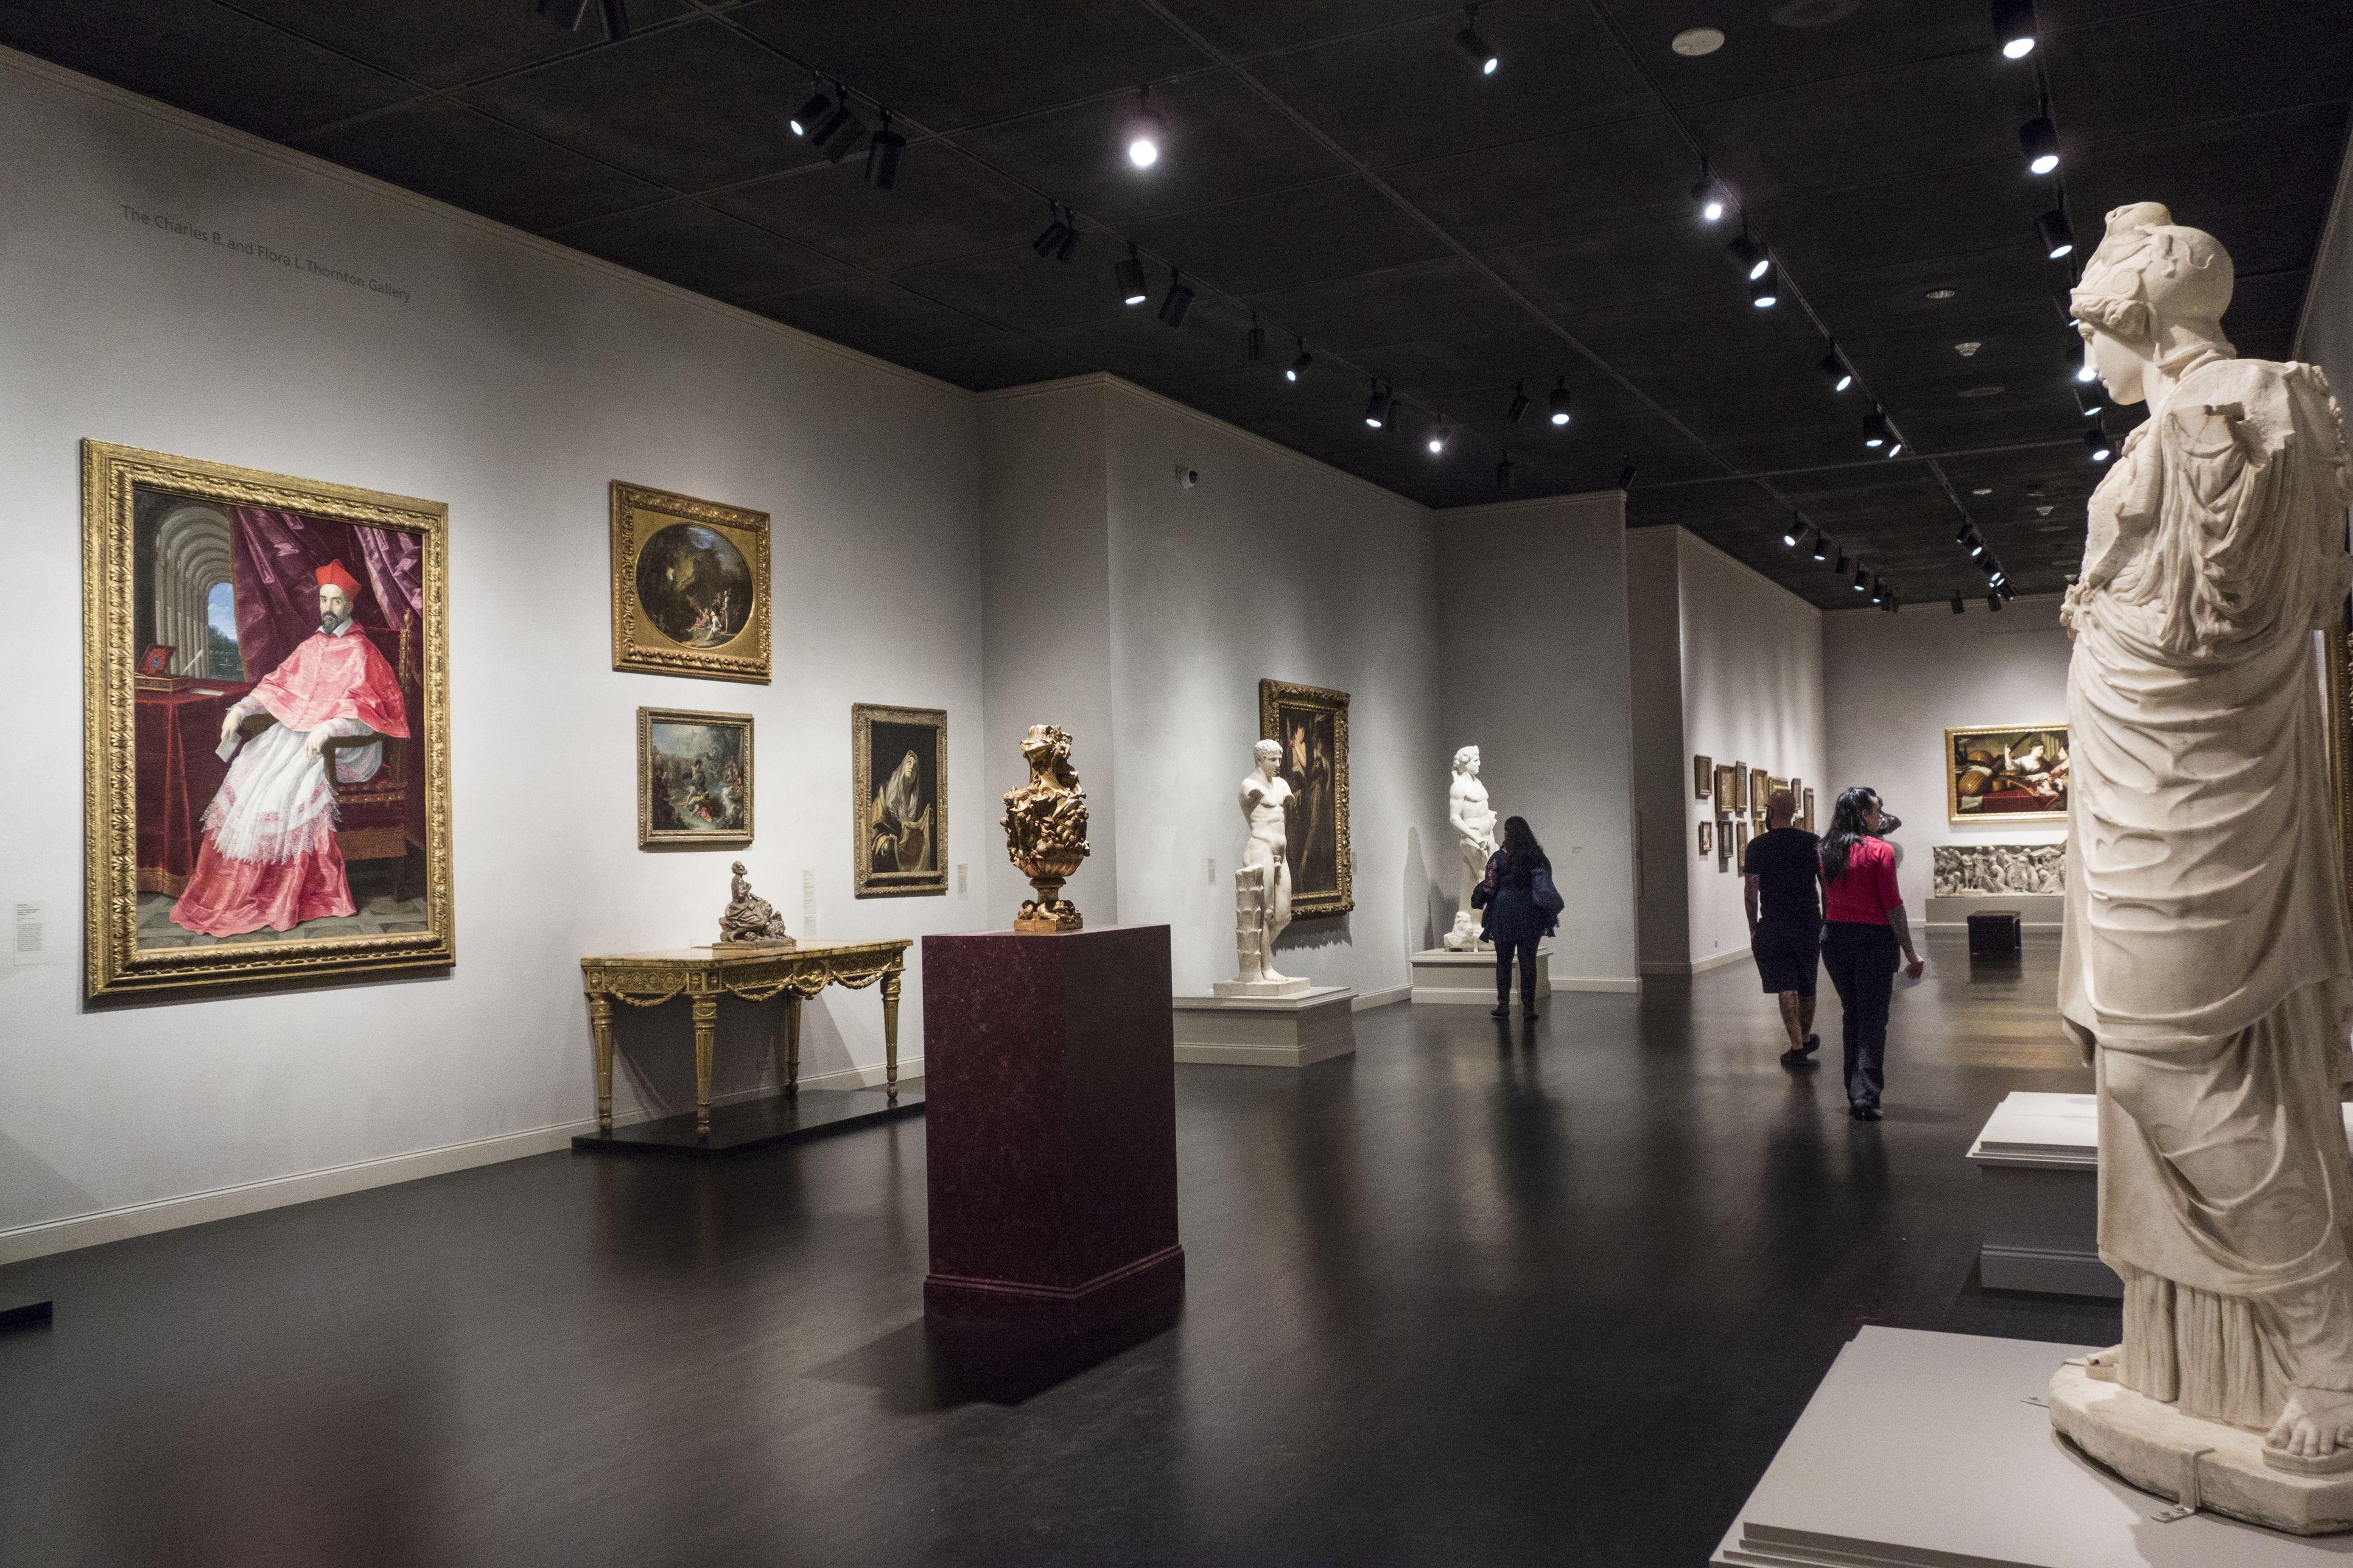 Galería de arte del mundo antiguo, LACMA